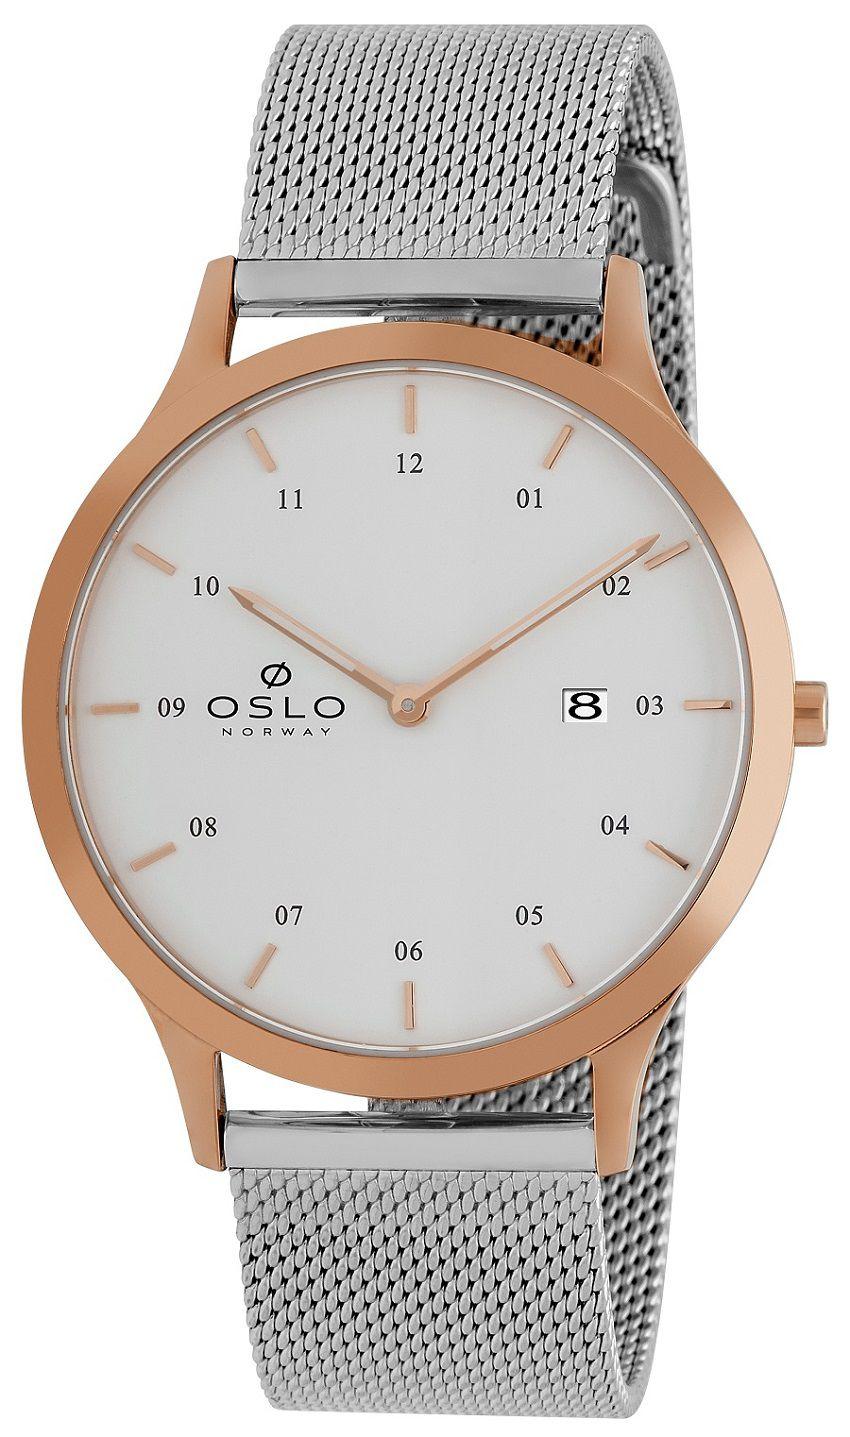 Relógio Oslo Prata   OMTSSS9U0016